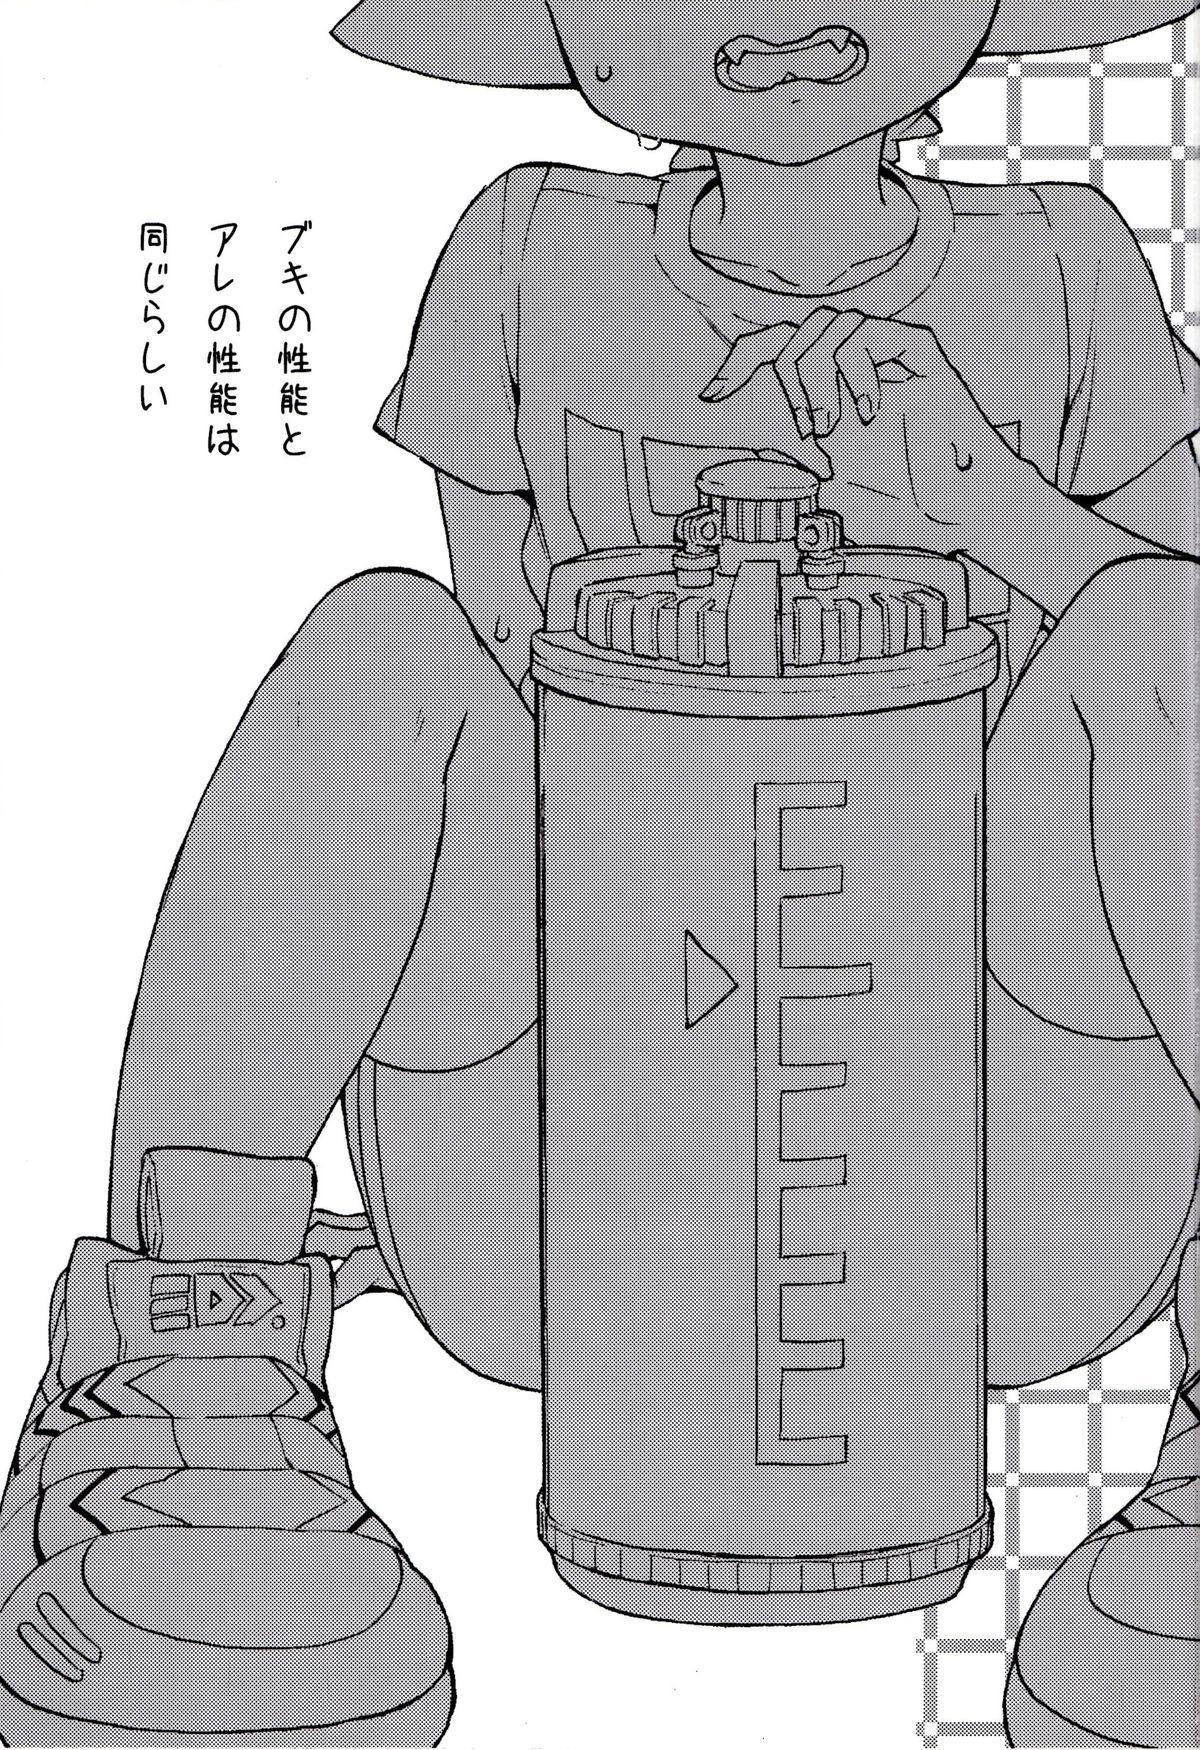 Buki no Seinou to Are no Seinou wa Onaji rashii 1